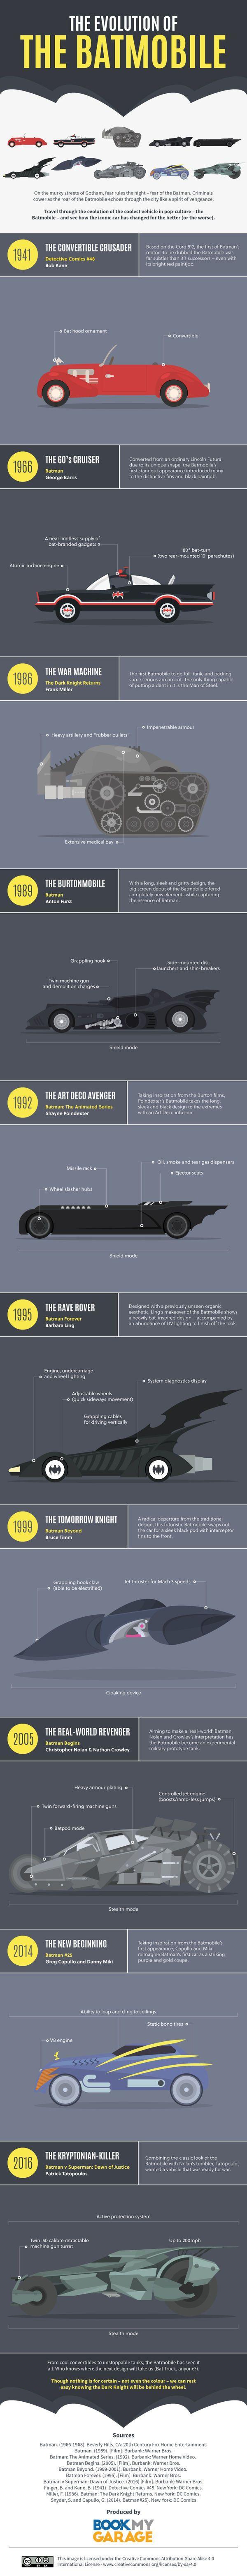 Batmobile 75 ans d volution en une infographie